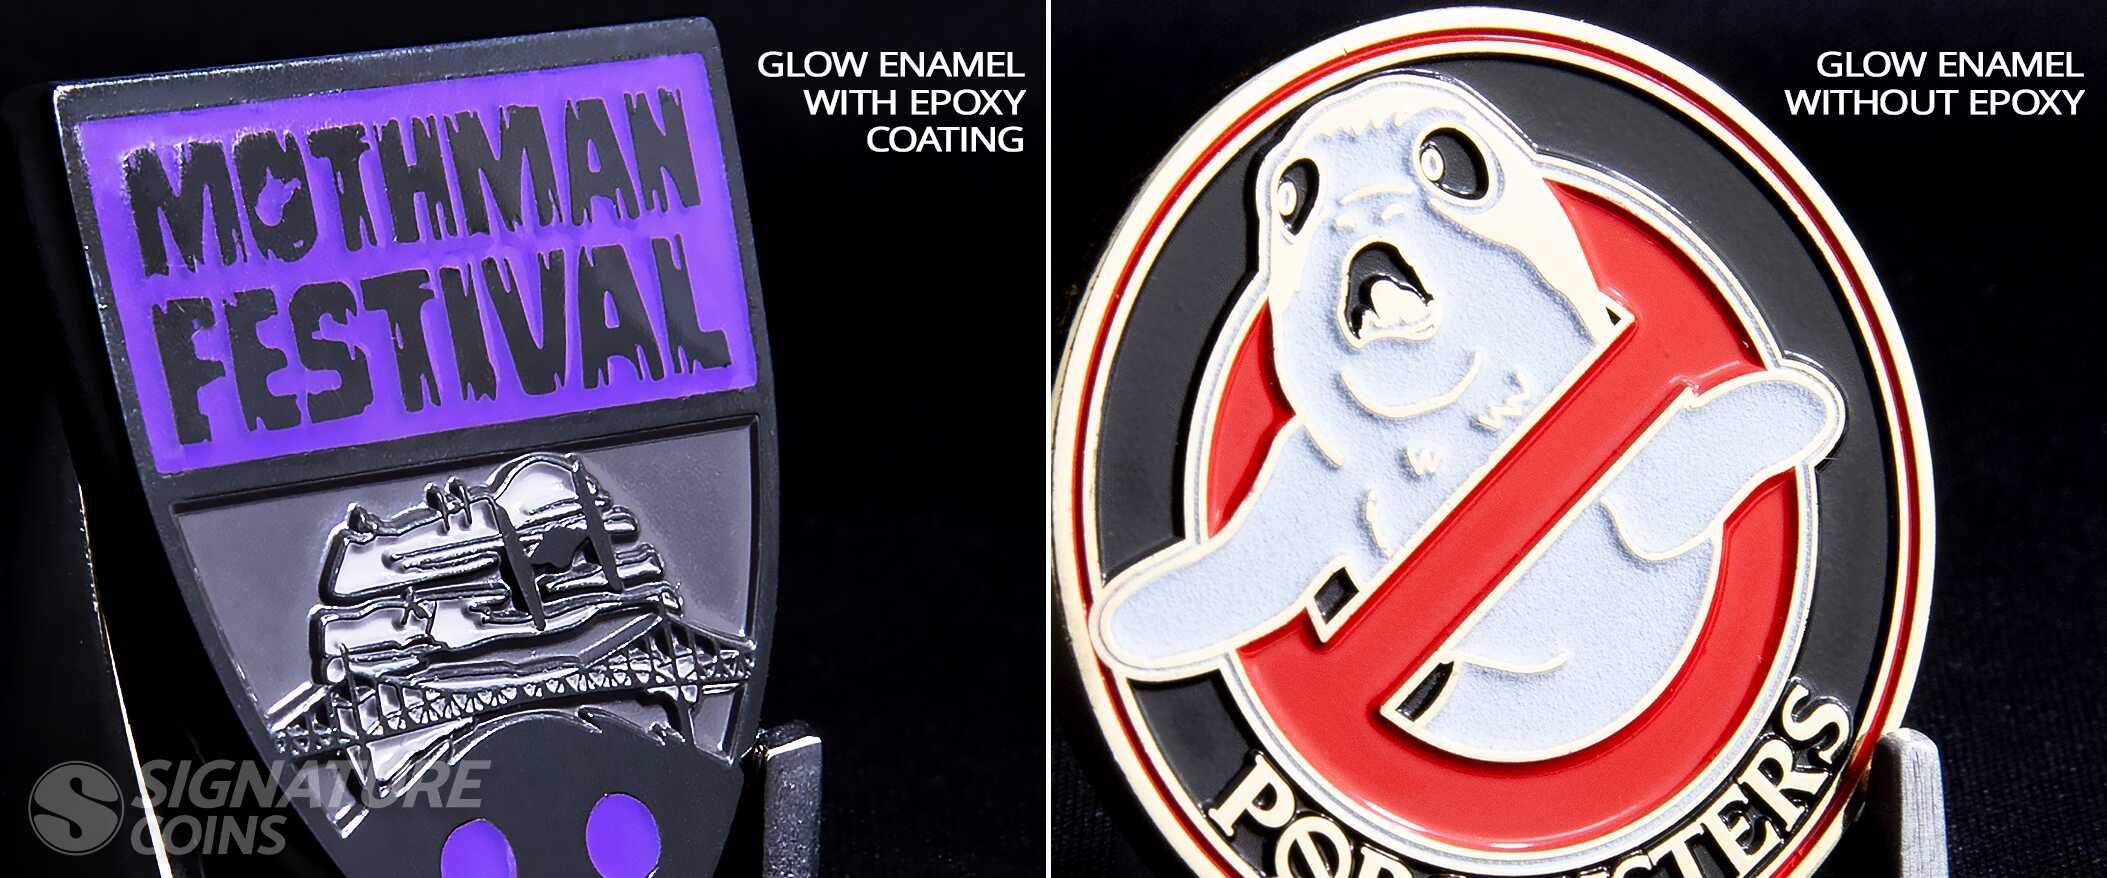 Challenge Coin Glow Enamel Comparison